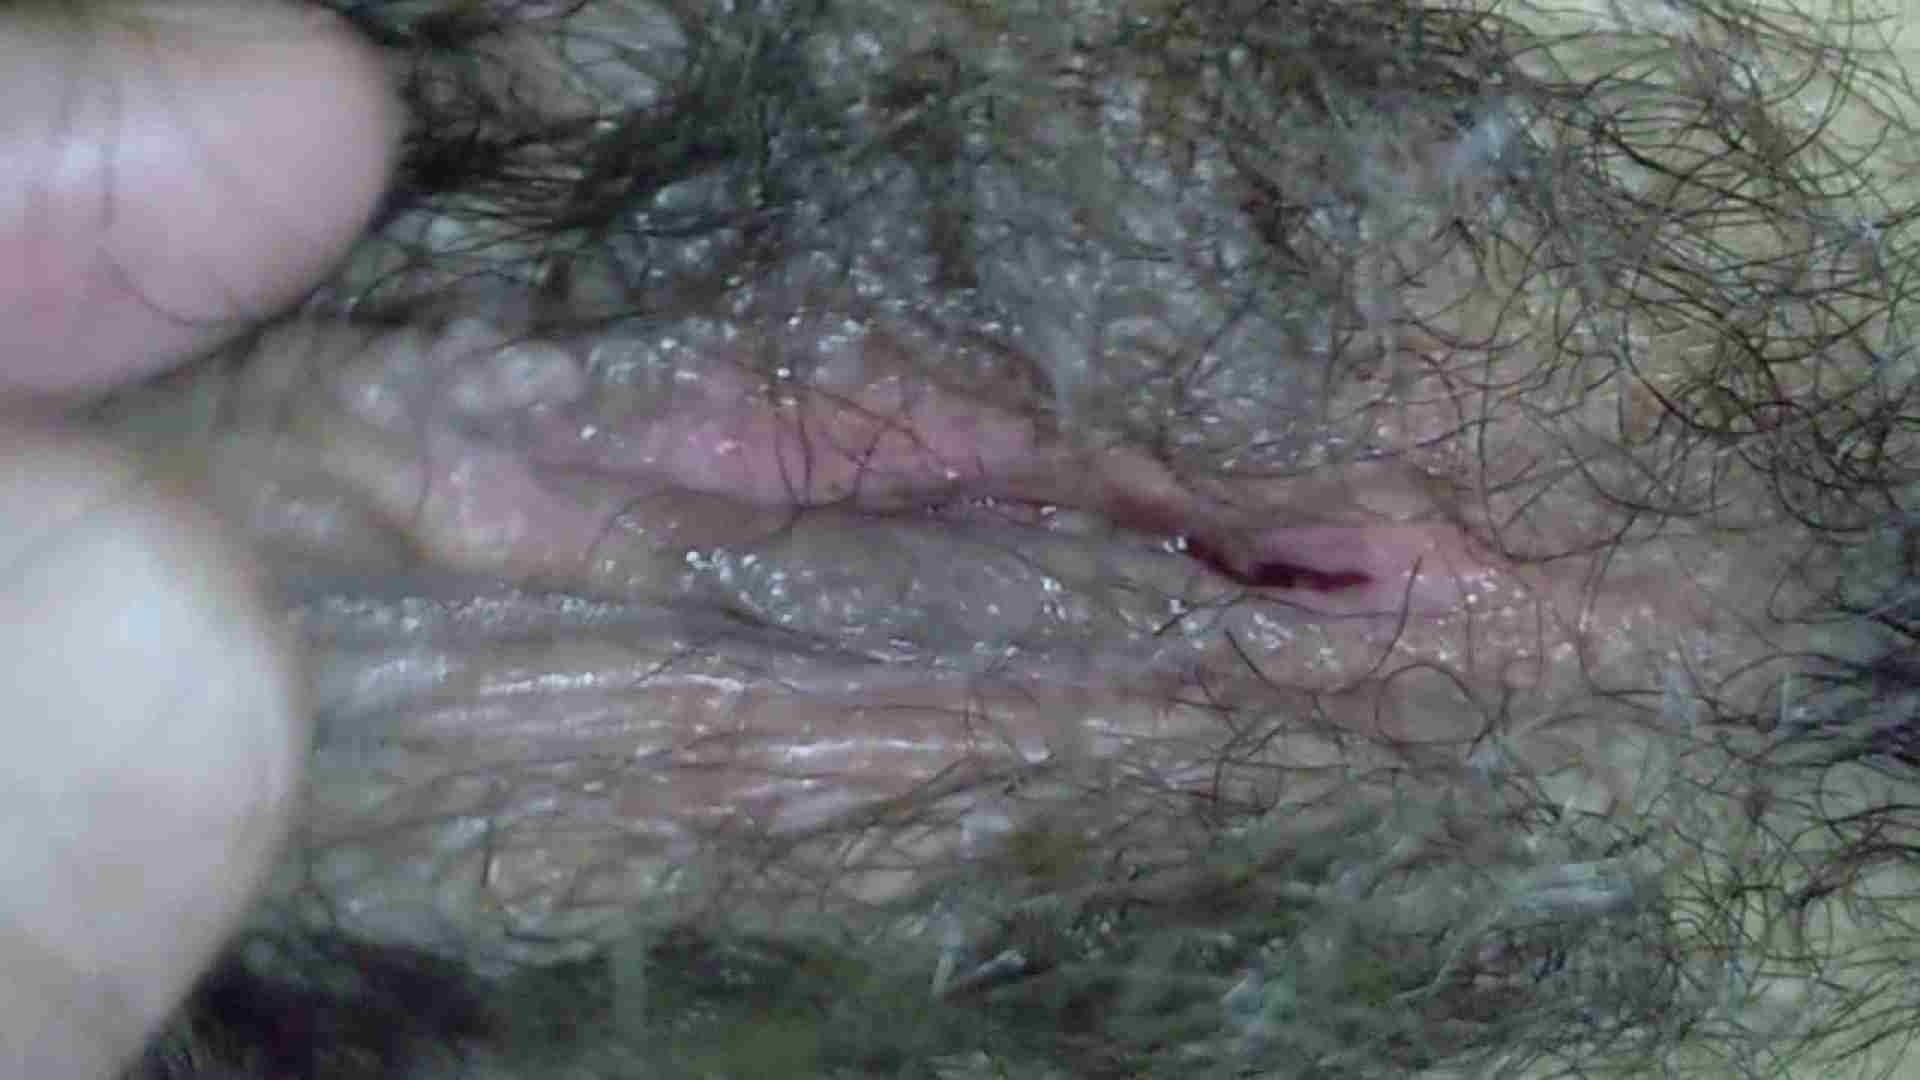 闇の花道 Vol.05 影対りか 期間限定動画 | 細身体型  107枚 97